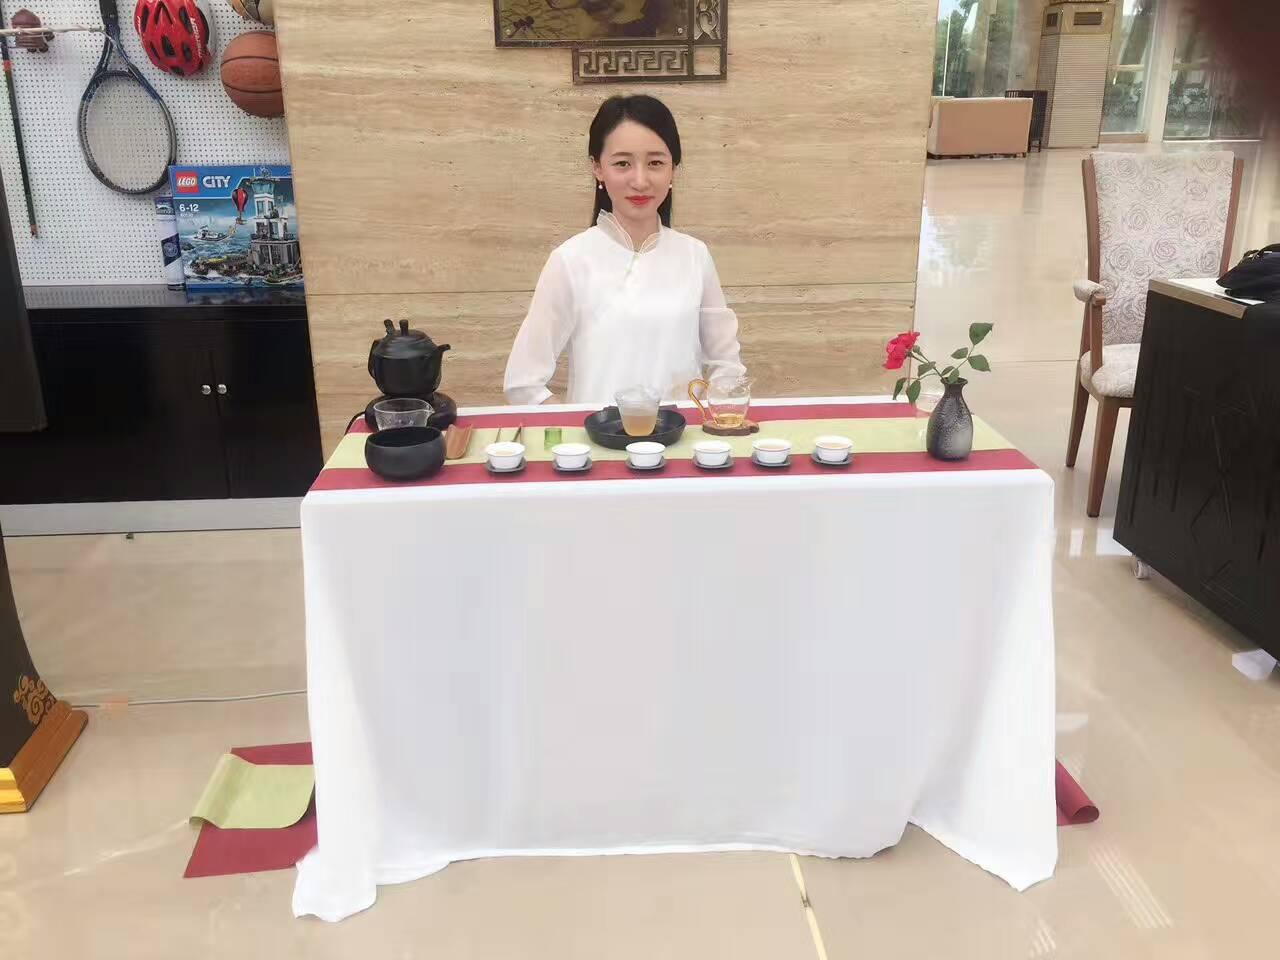 四川茶道表演茶艺展示茶艺服务芙蓉门茶艺商业演出